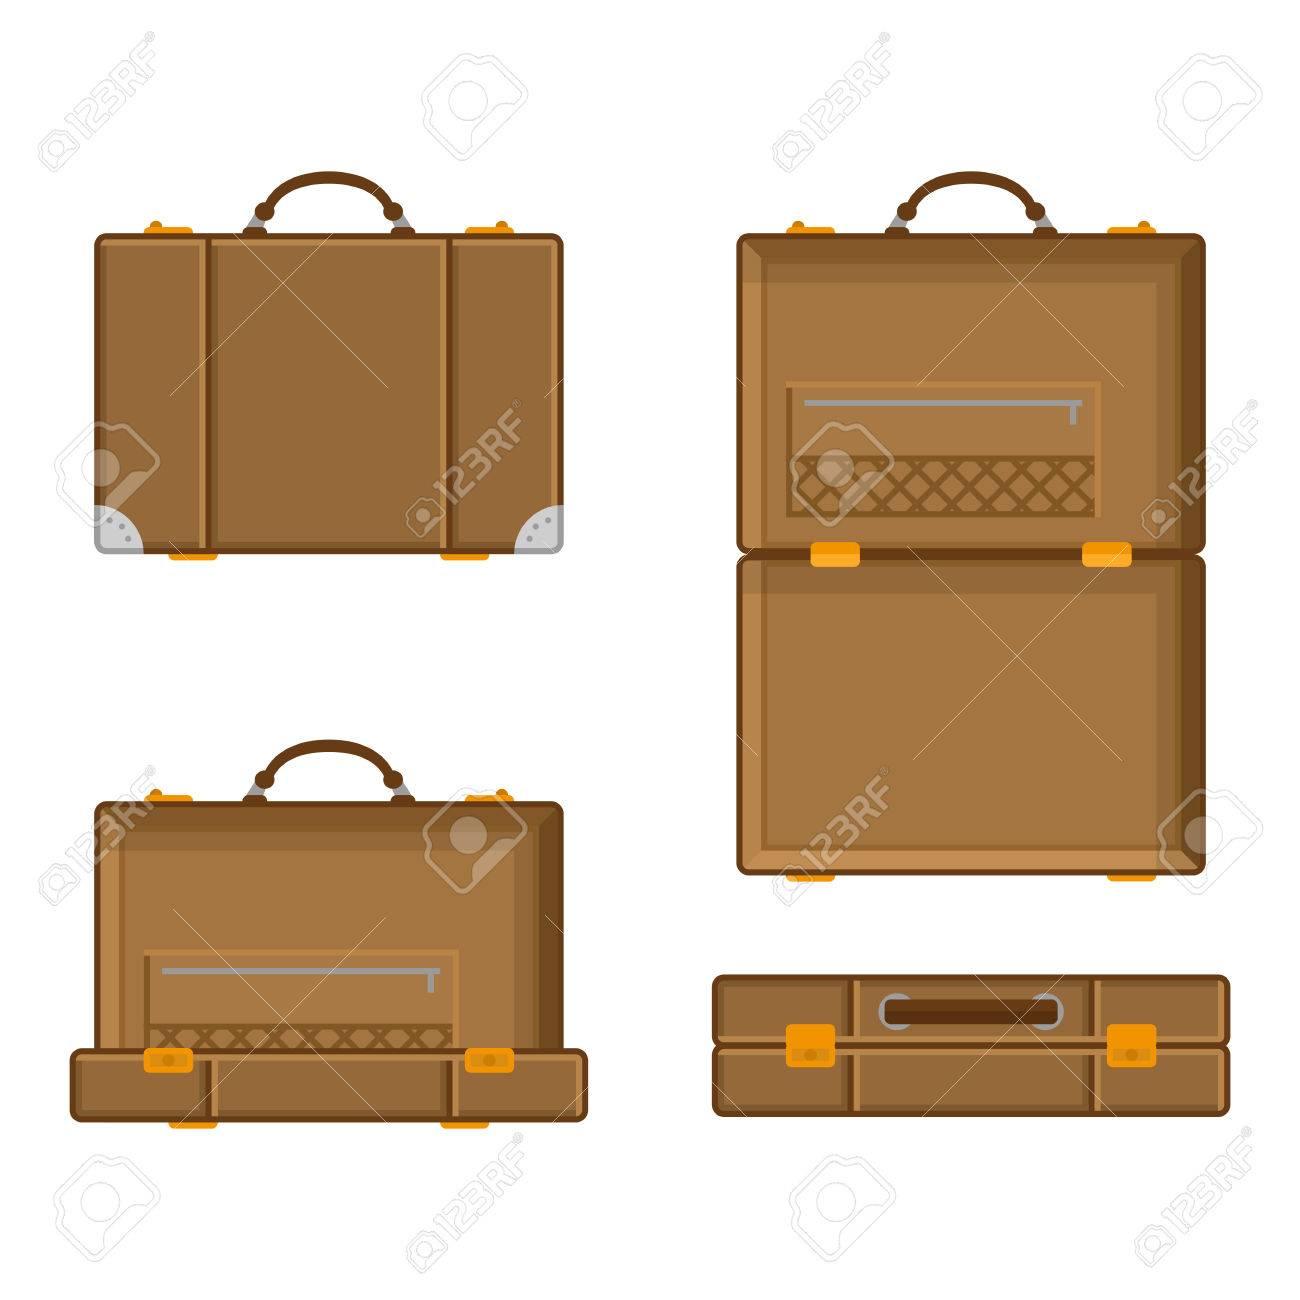 Baumwollkoffer geschlossener Koffer